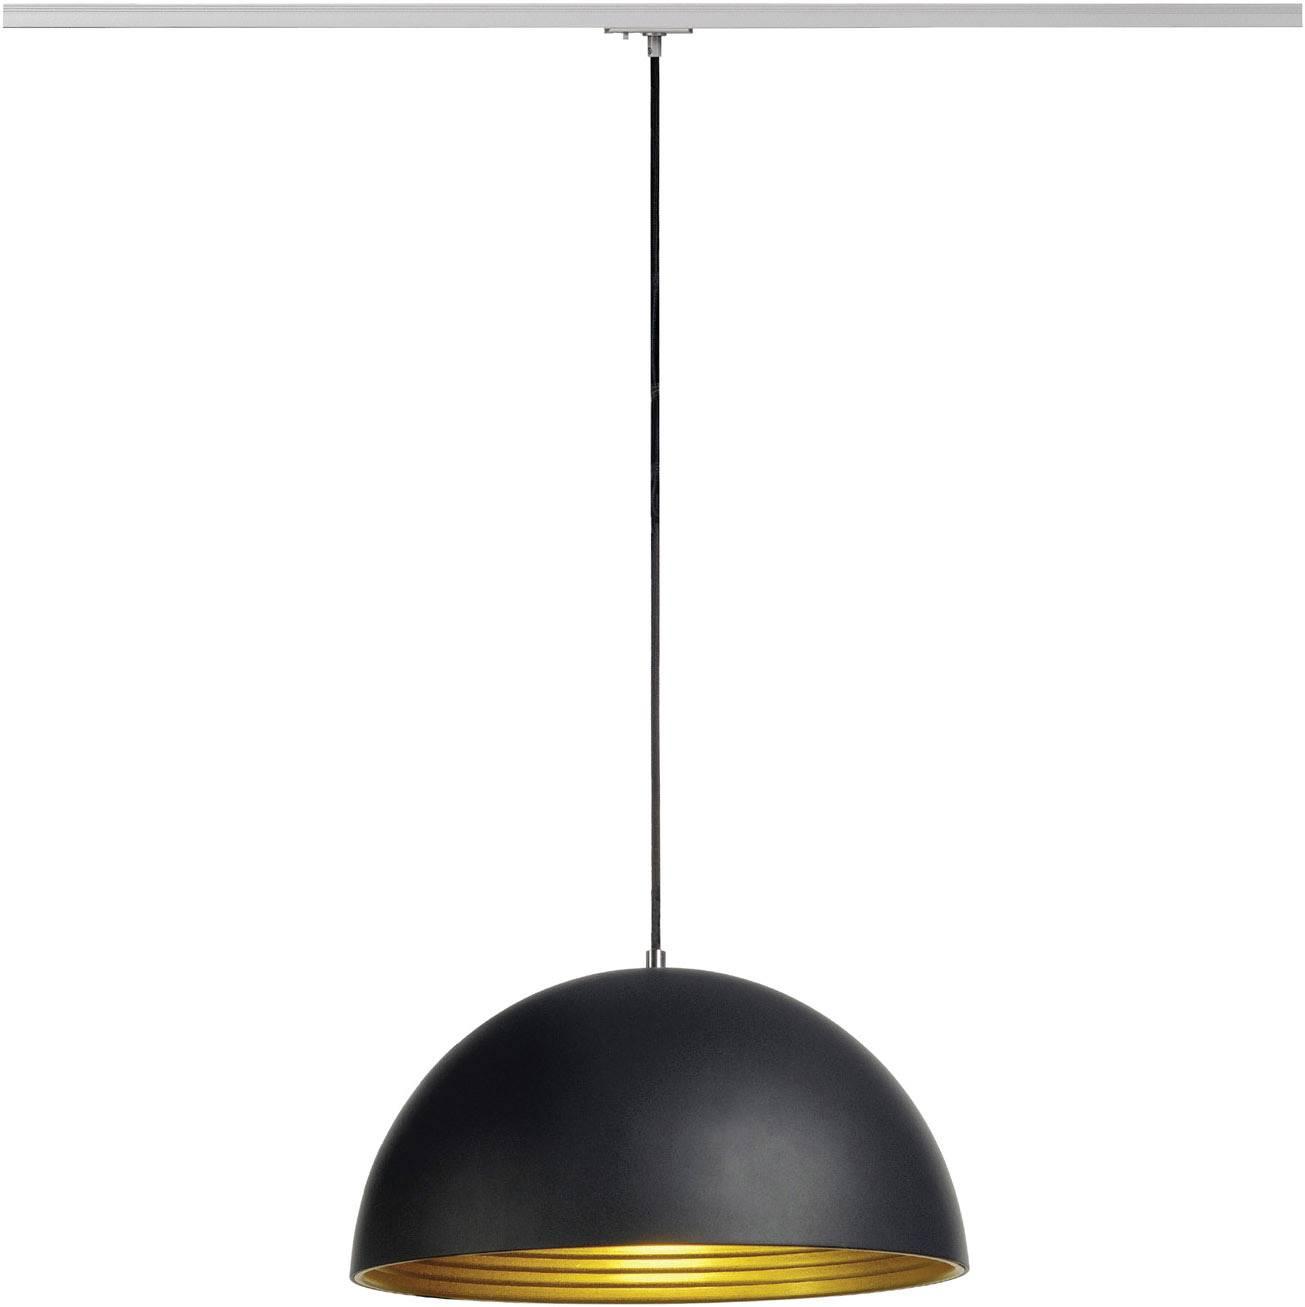 Závesné svietidlo úsporná žiarovka, LED SLV Forchini M 143930, E27, 40 W, čierna, zlatá